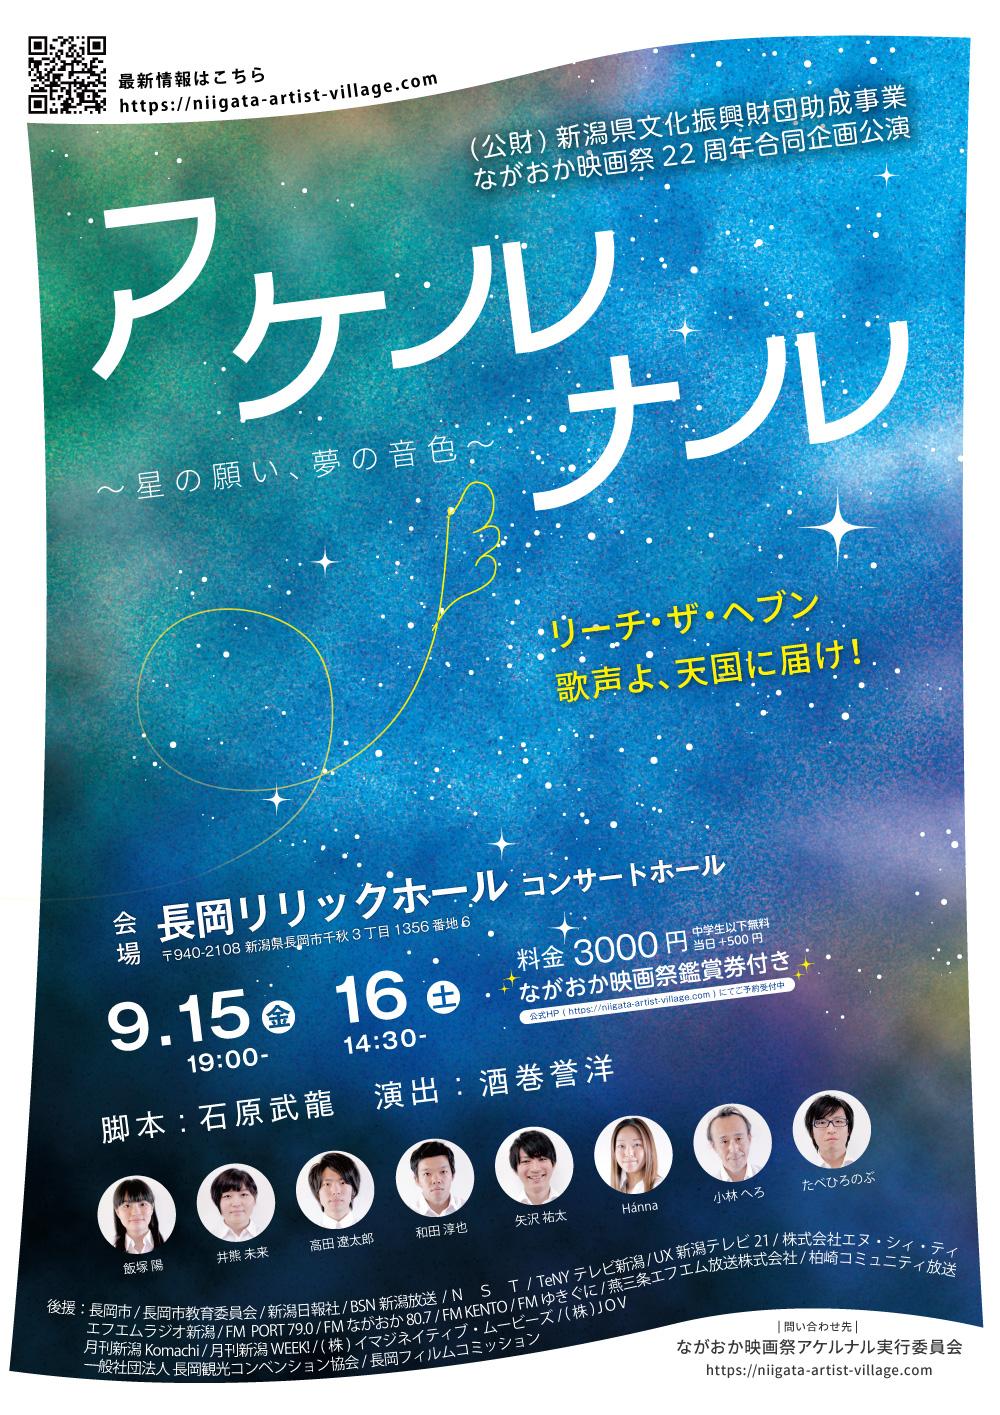 舞台公演「アケルナル」チラシ(オモテ)